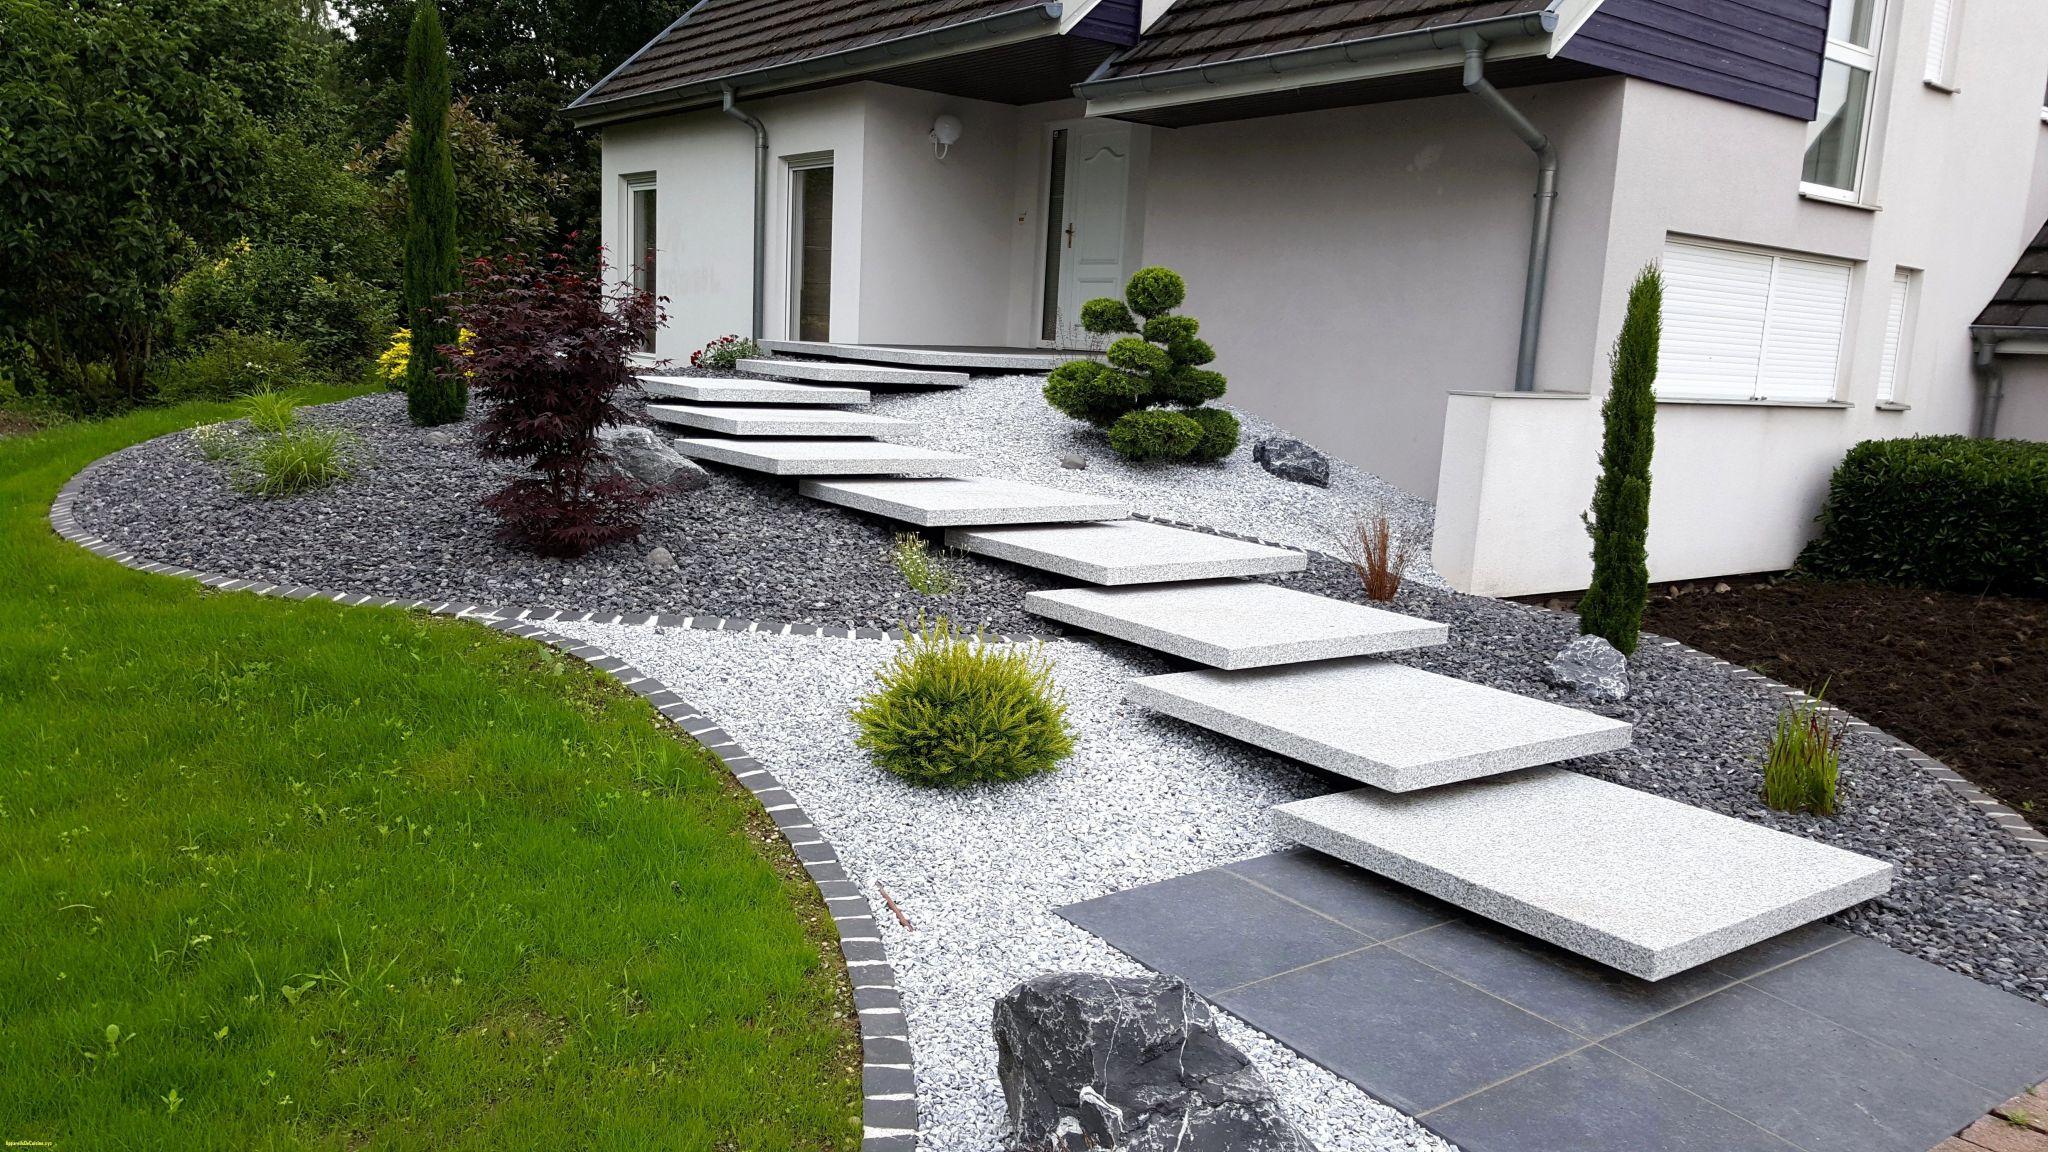 40 Best Of Amenagement Jardin Exterieur | Salon Jardin intérieur Decoration Jardin Zen Exterieur